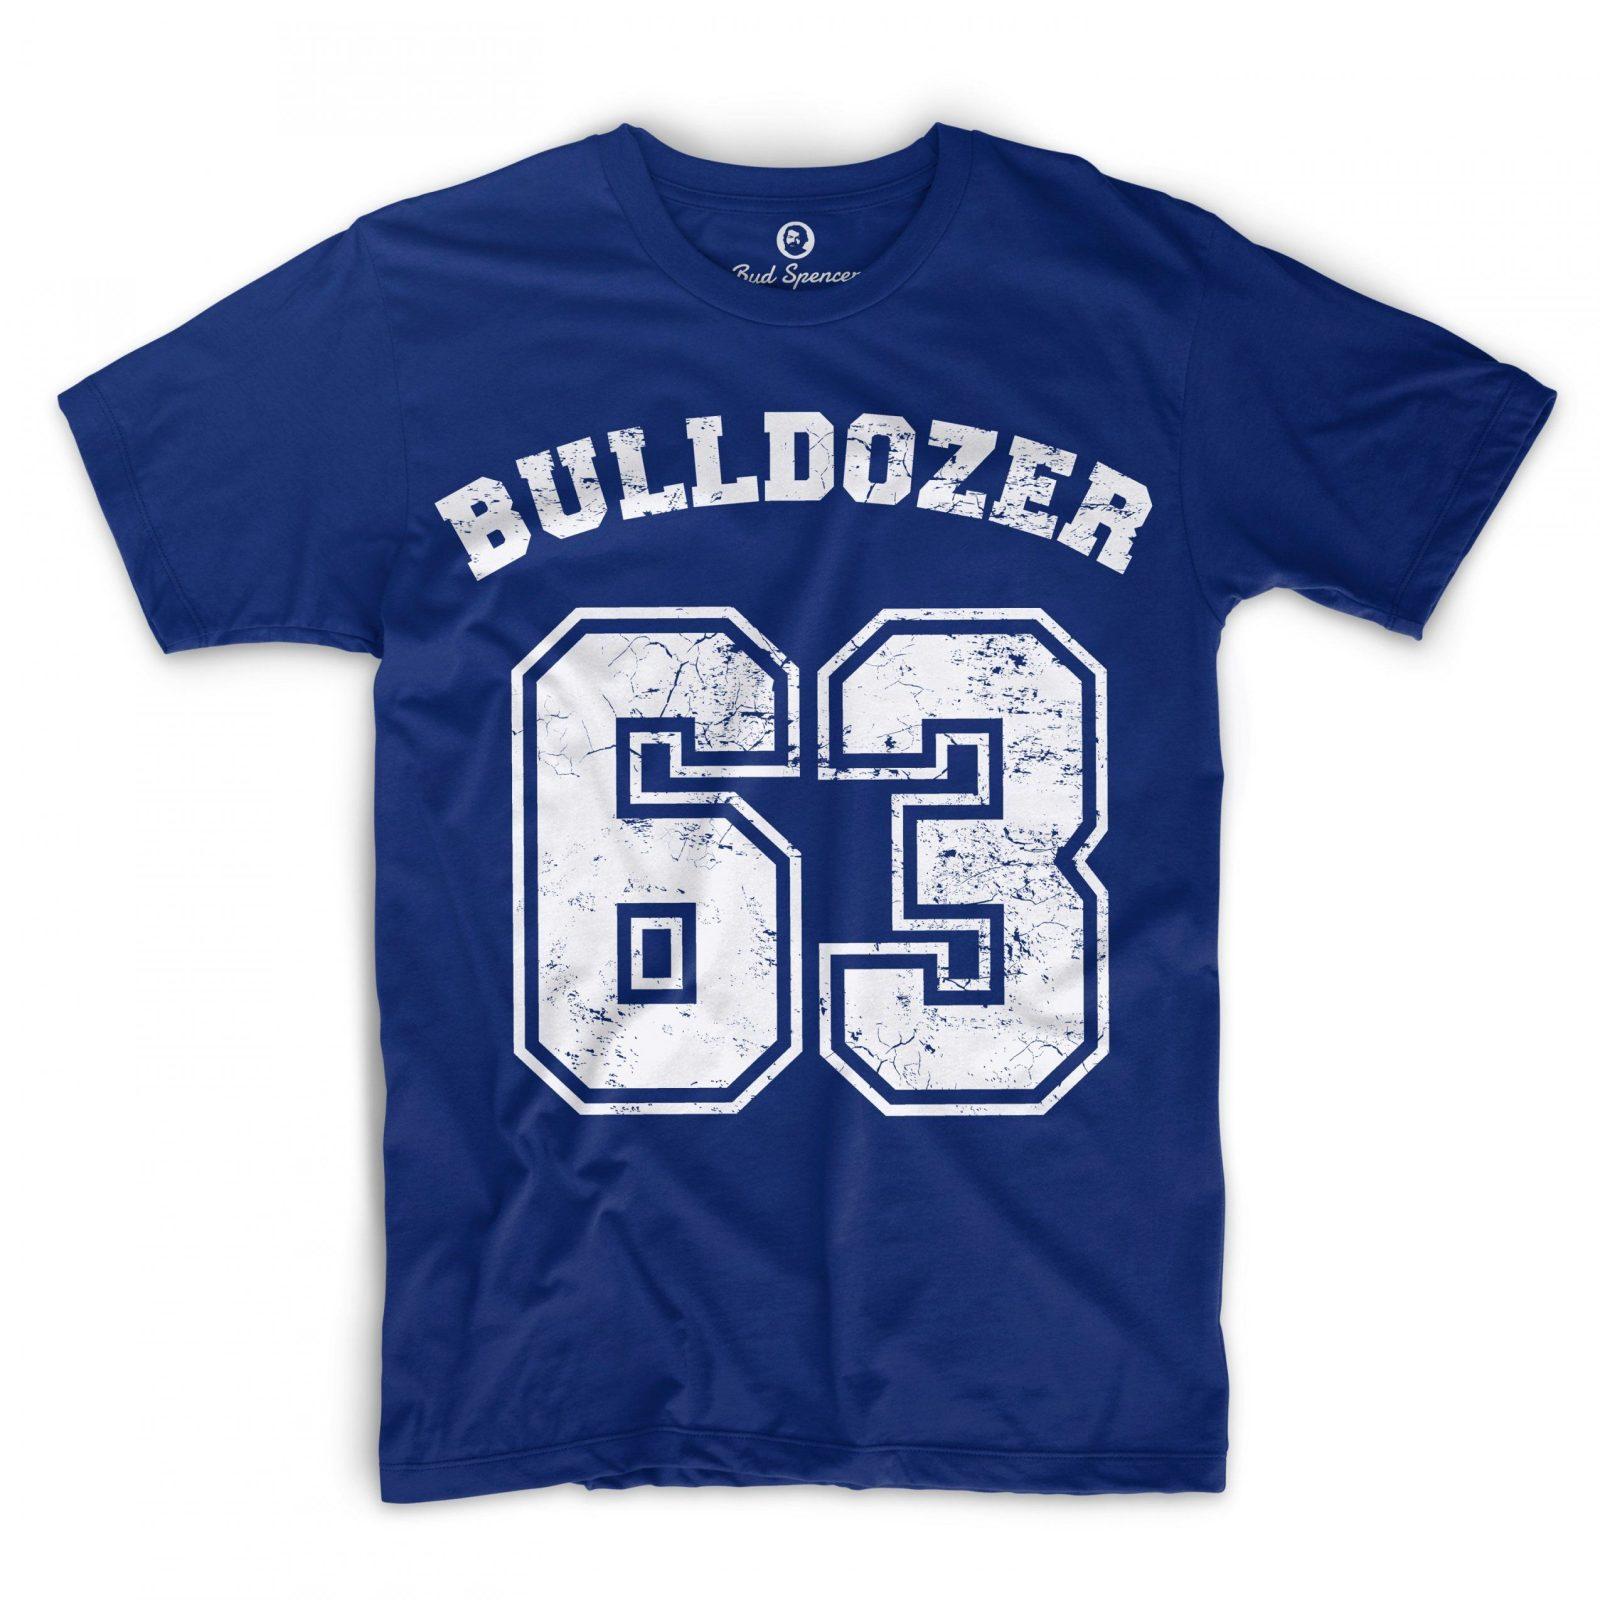 Bud Spencer Official Shop  Bud Spencer Official Shop von Bud Spencer Bettwäsche Bild